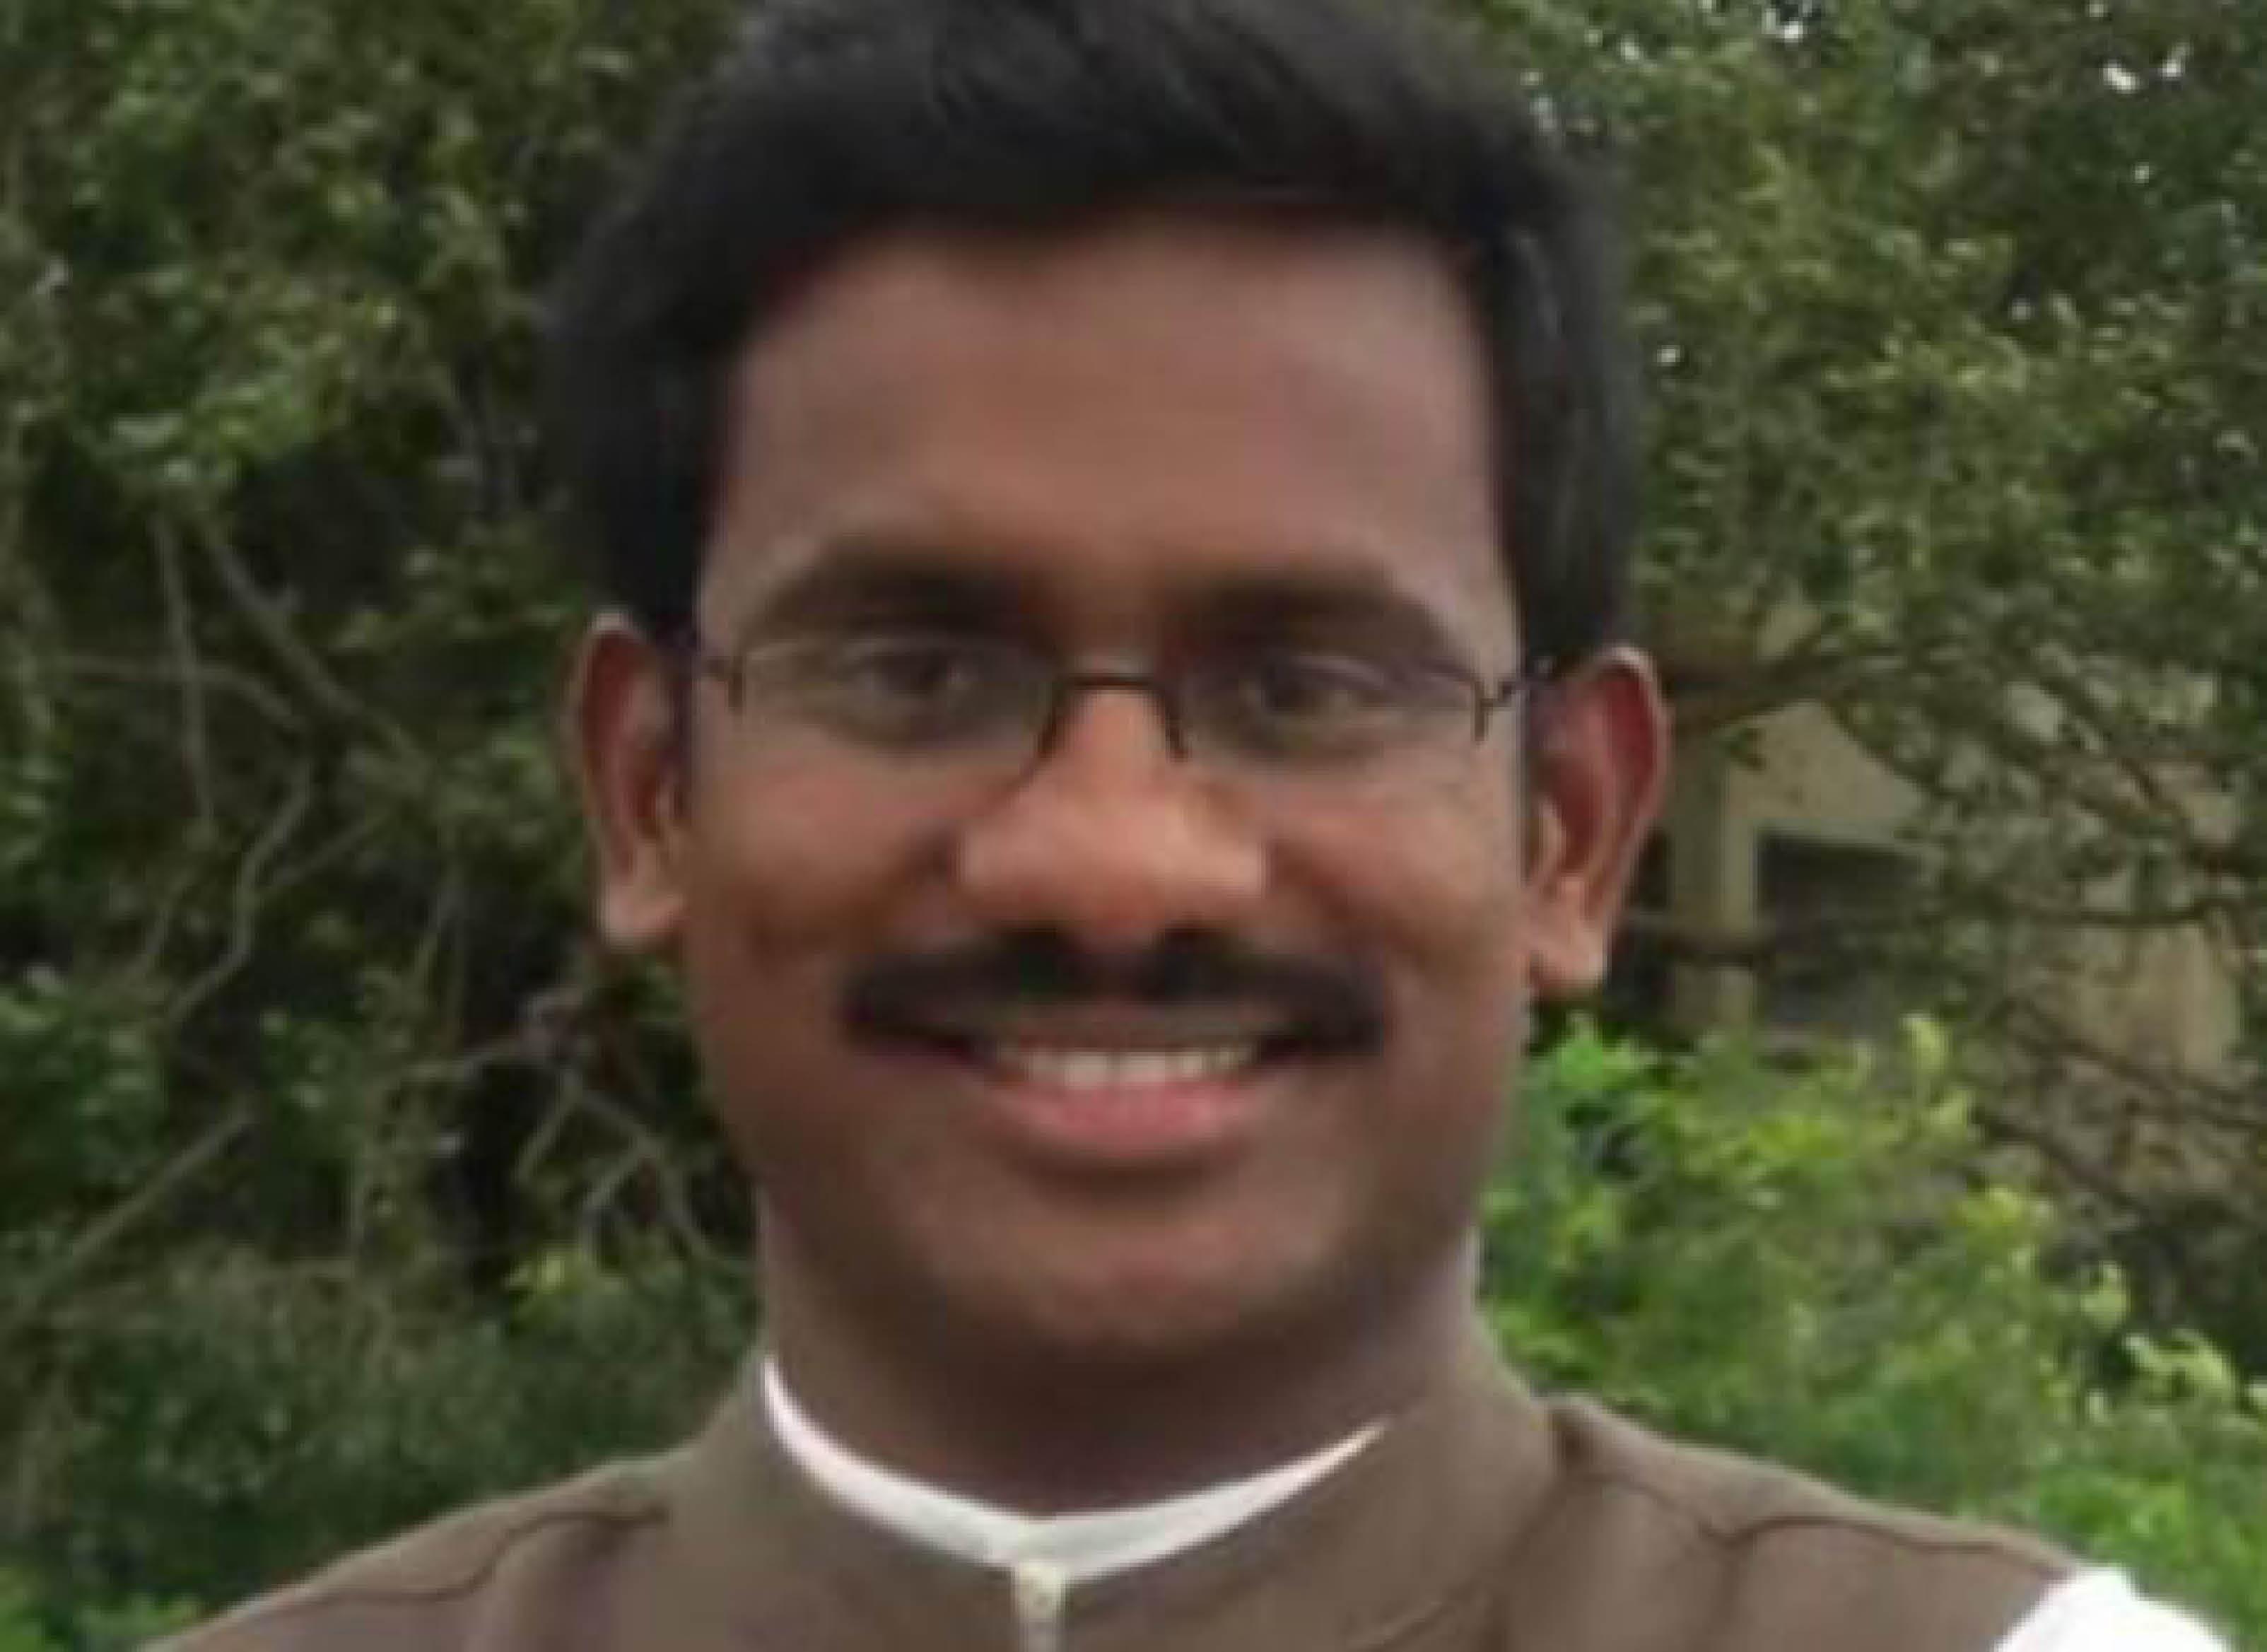 डॉ. सतीश कुमार होंगे भिंड के नए कलेक्टर, वीरेंद्र सिंह पहुंचे इंदौर|भिंड,Bhind - Dainik Bhaskar